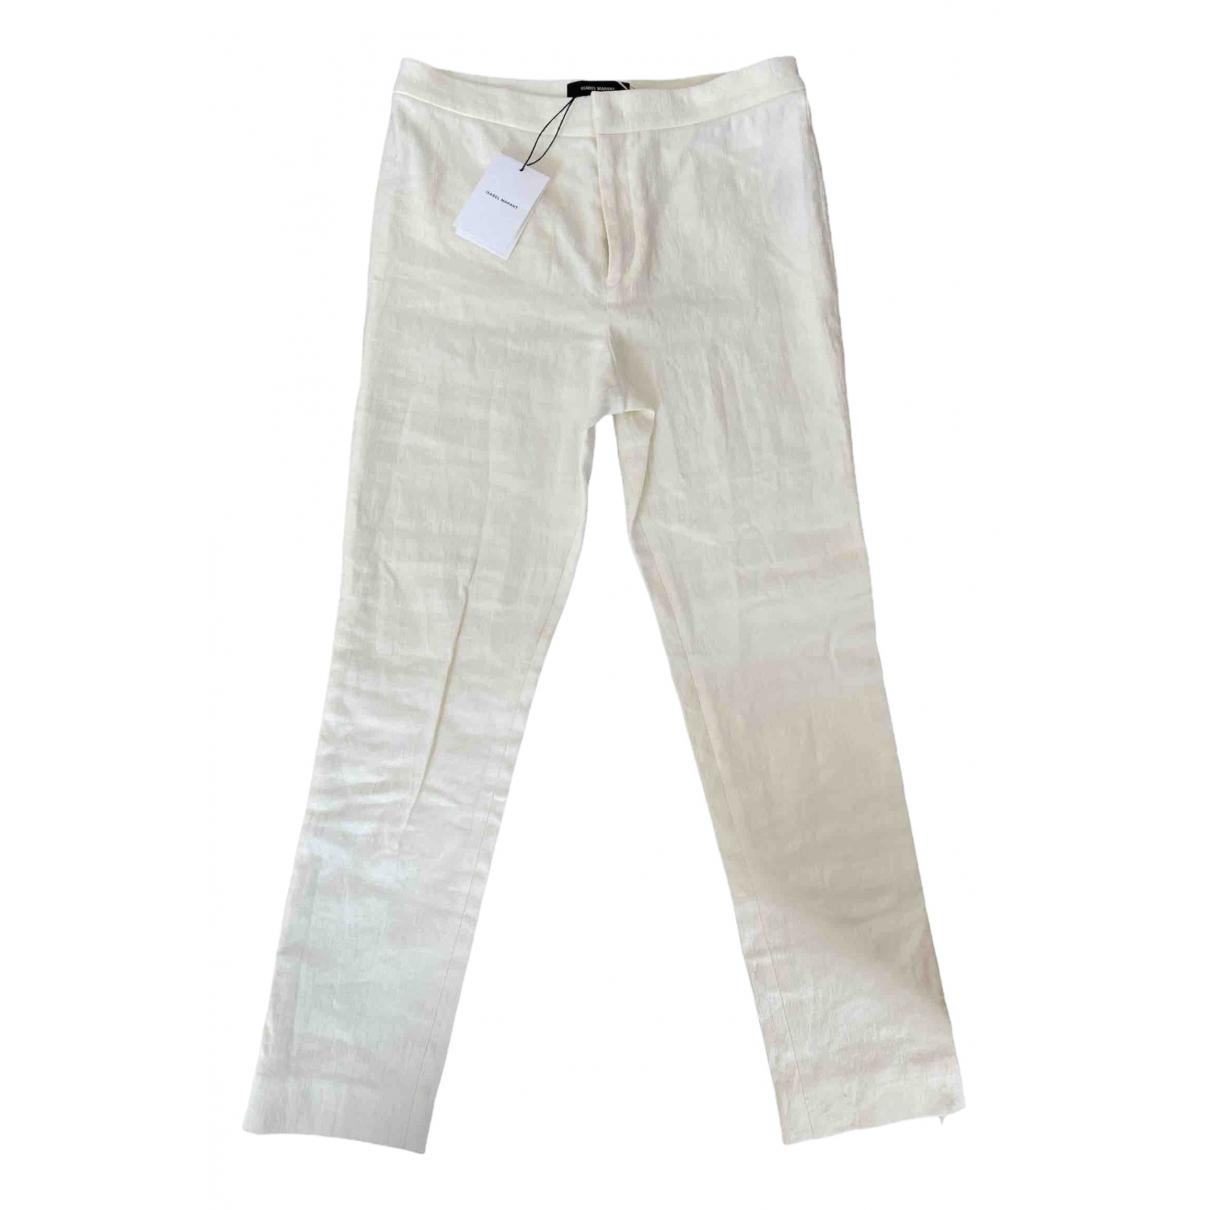 Isabel Marant N Beige Linen Trousers for Women 38 FR